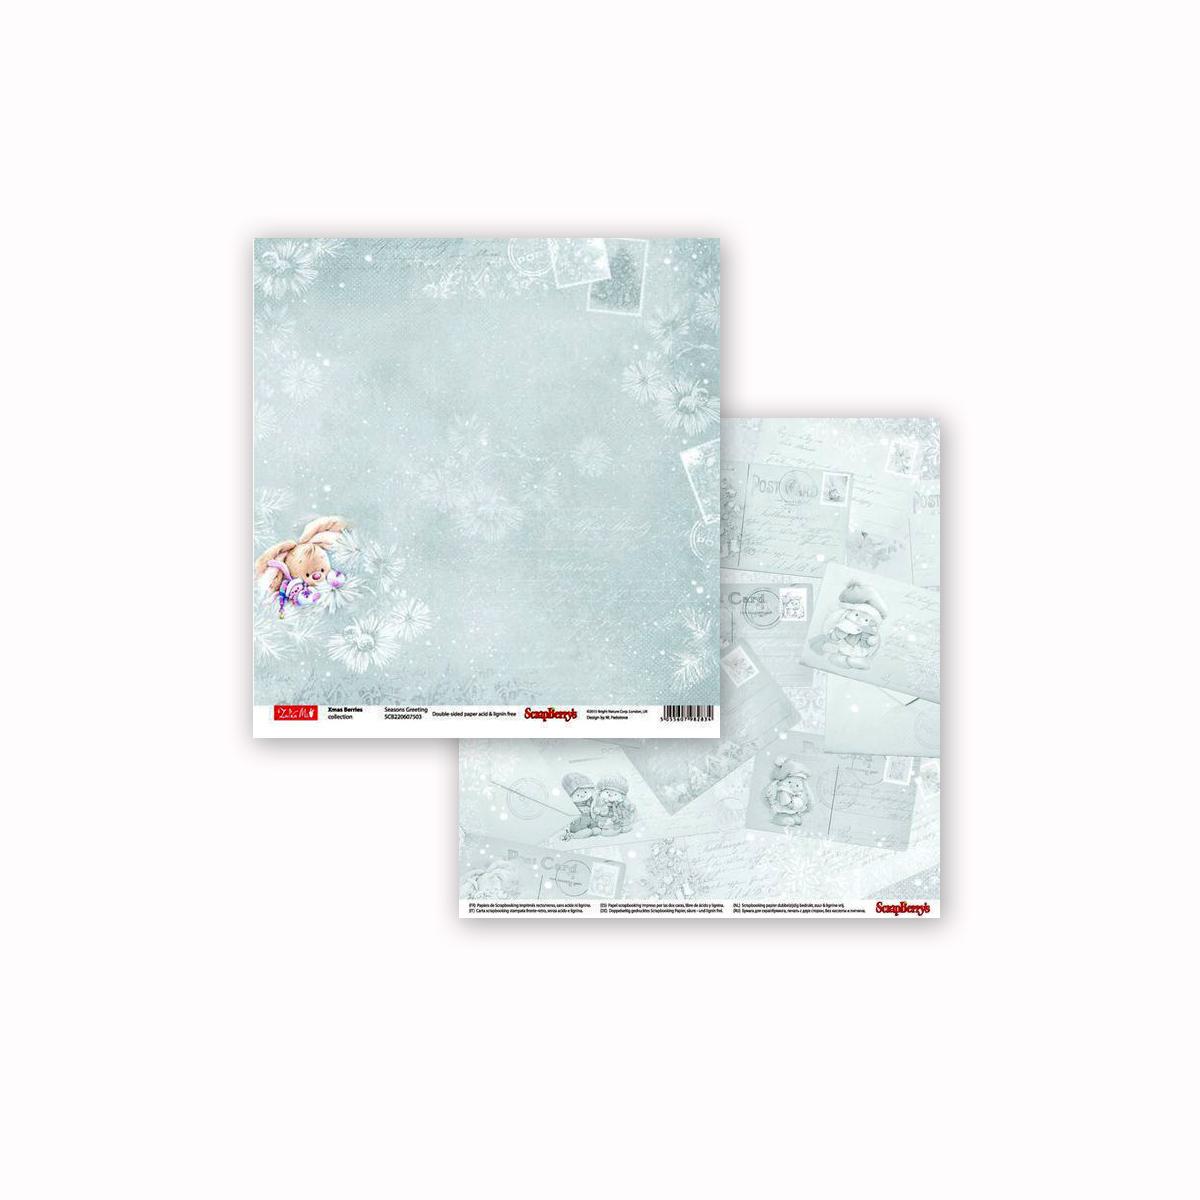 Бумага для скрапбукинга ScrapBerrys Зимняя ягодка. Время чудес, двухсторонняя, 30,5 х 30,5 см, 10 листов. 497685497685